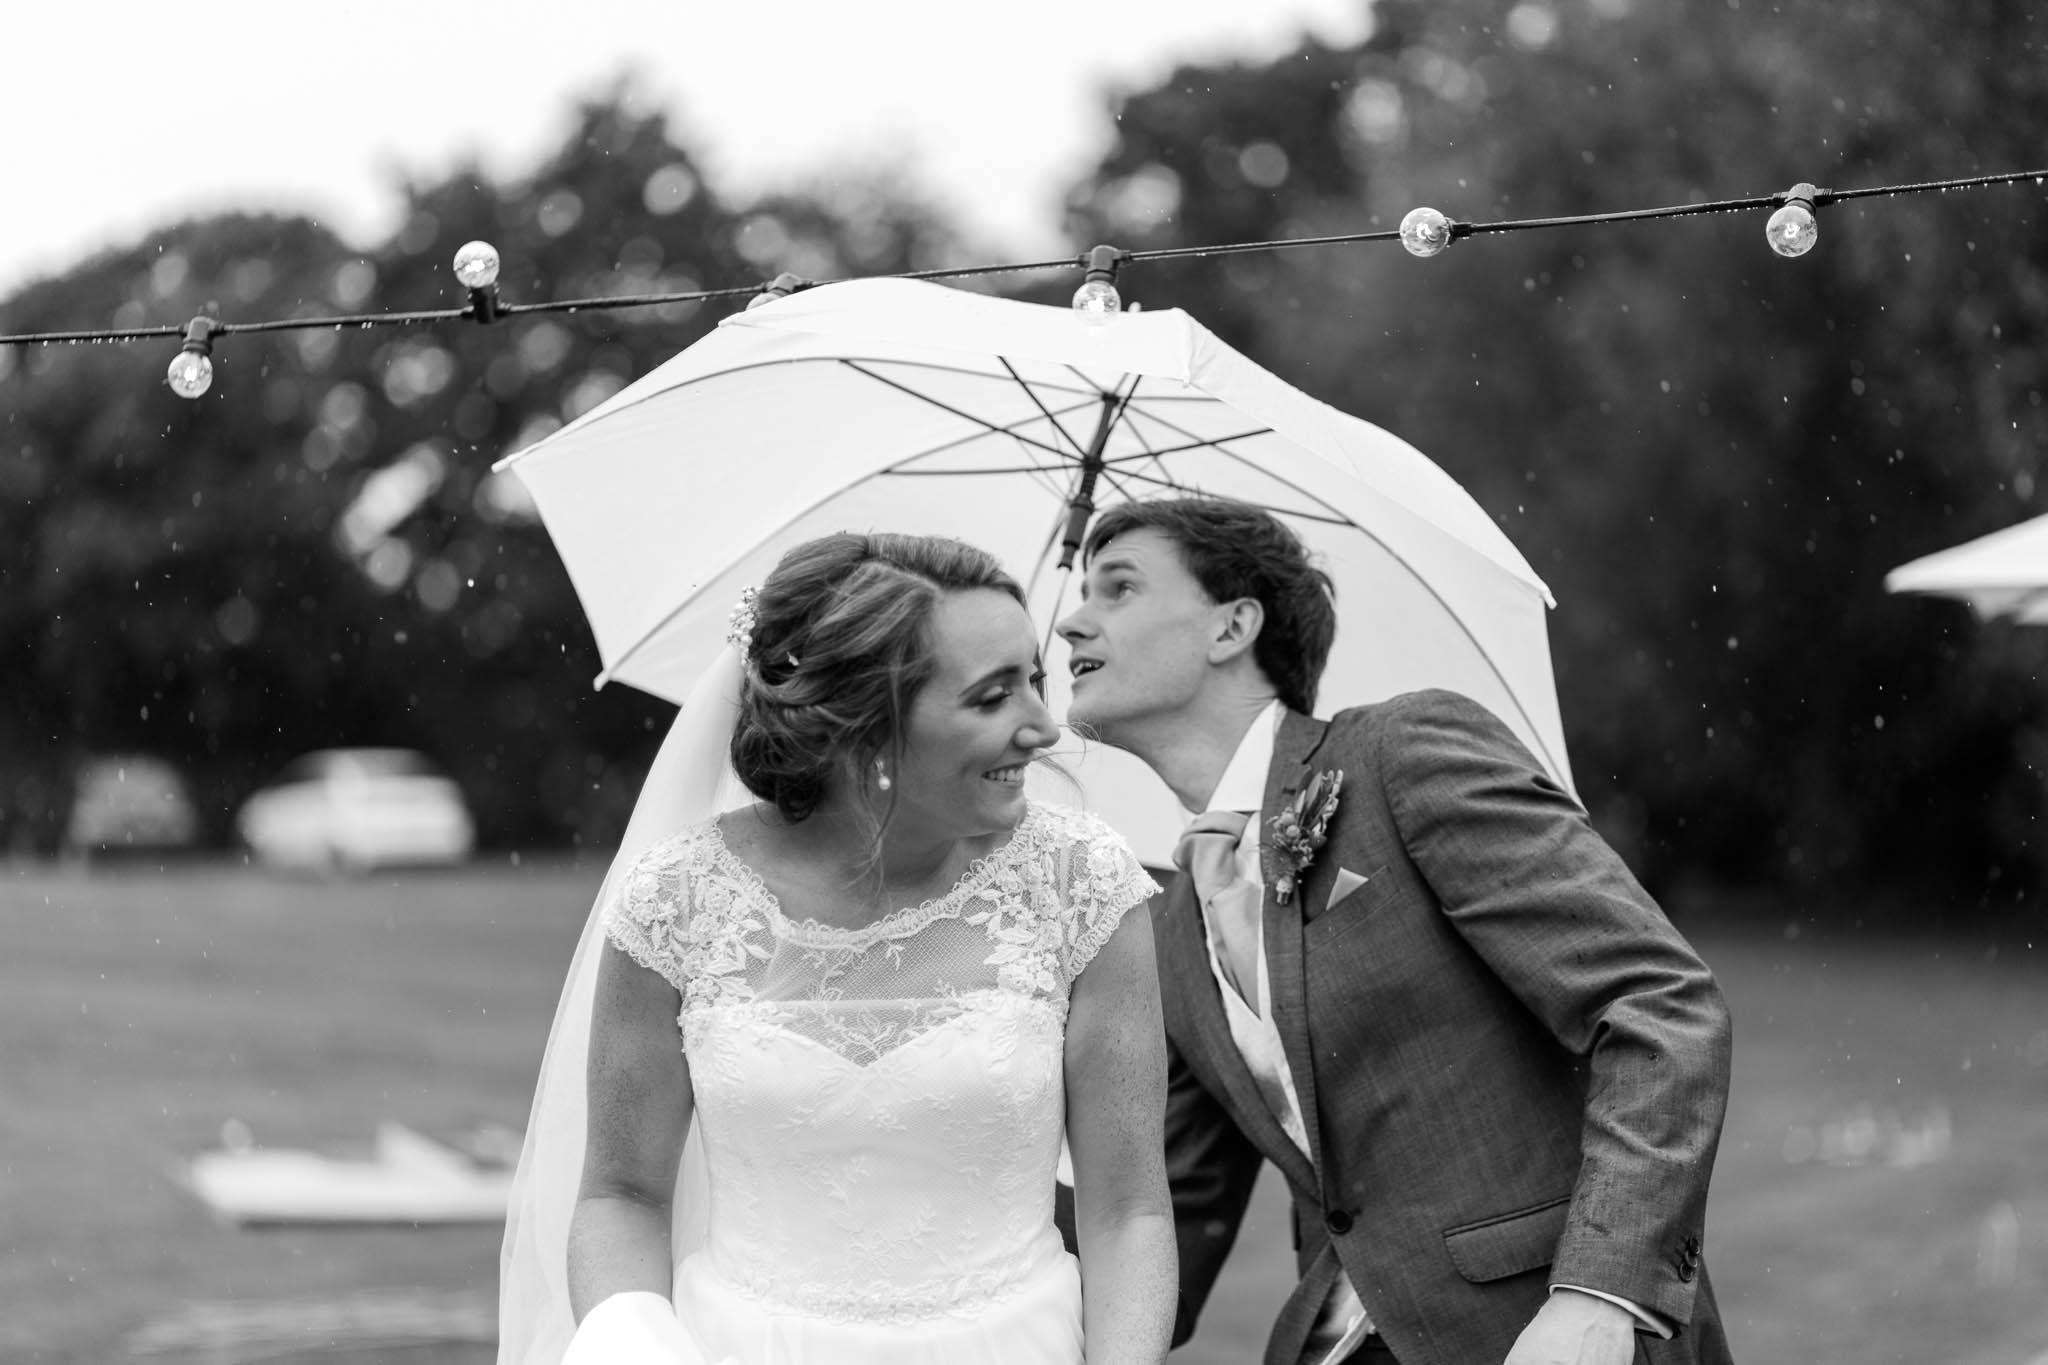 rainy wedding photo with umbrella